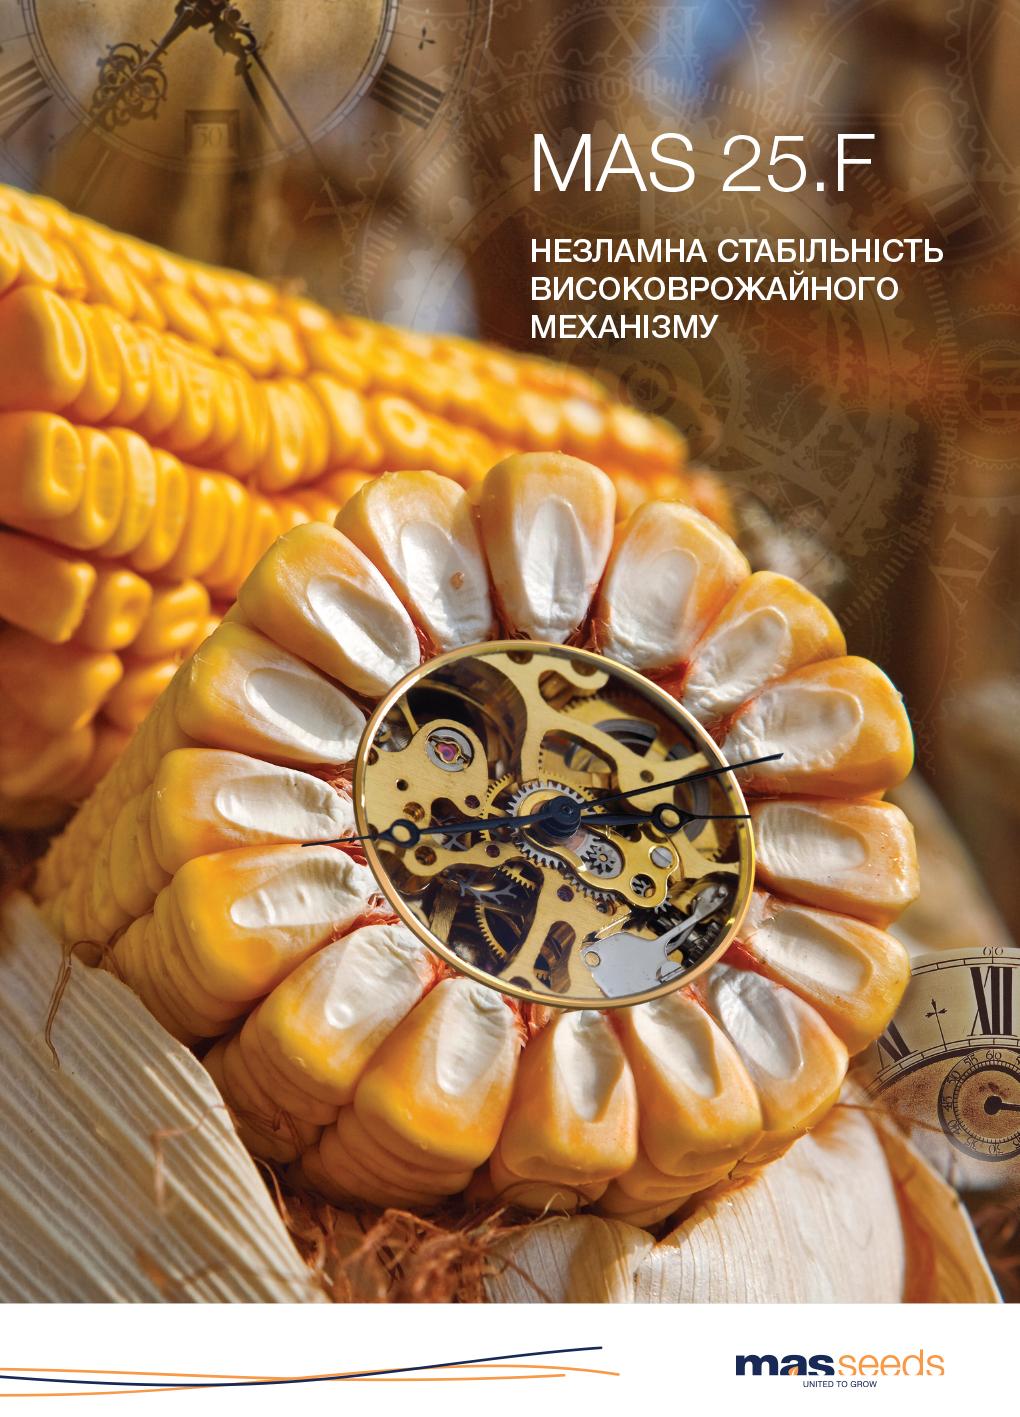 Corn_MAS 25.F_A4